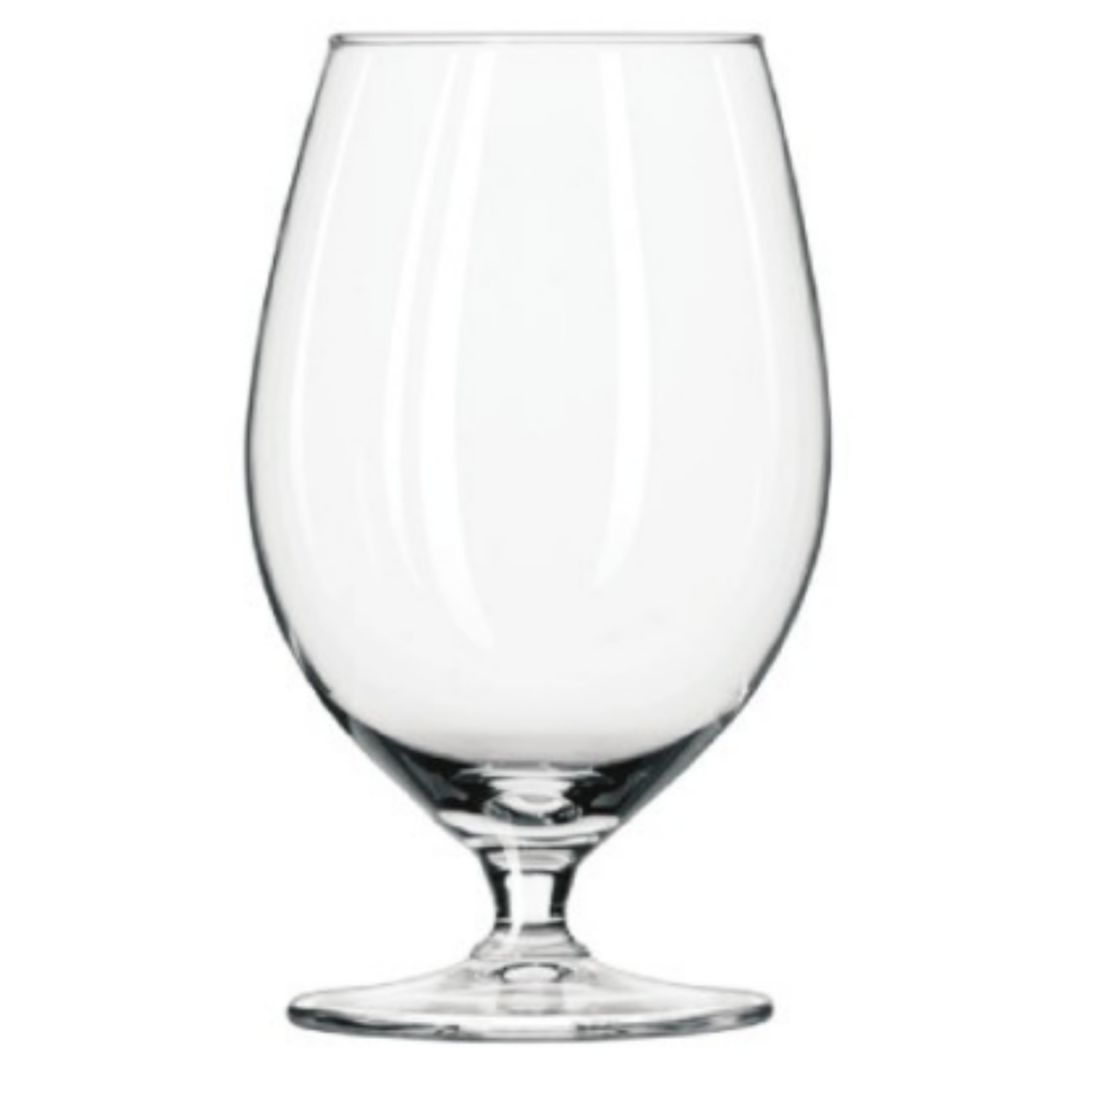 Allure sklenička na vodu 41 cl